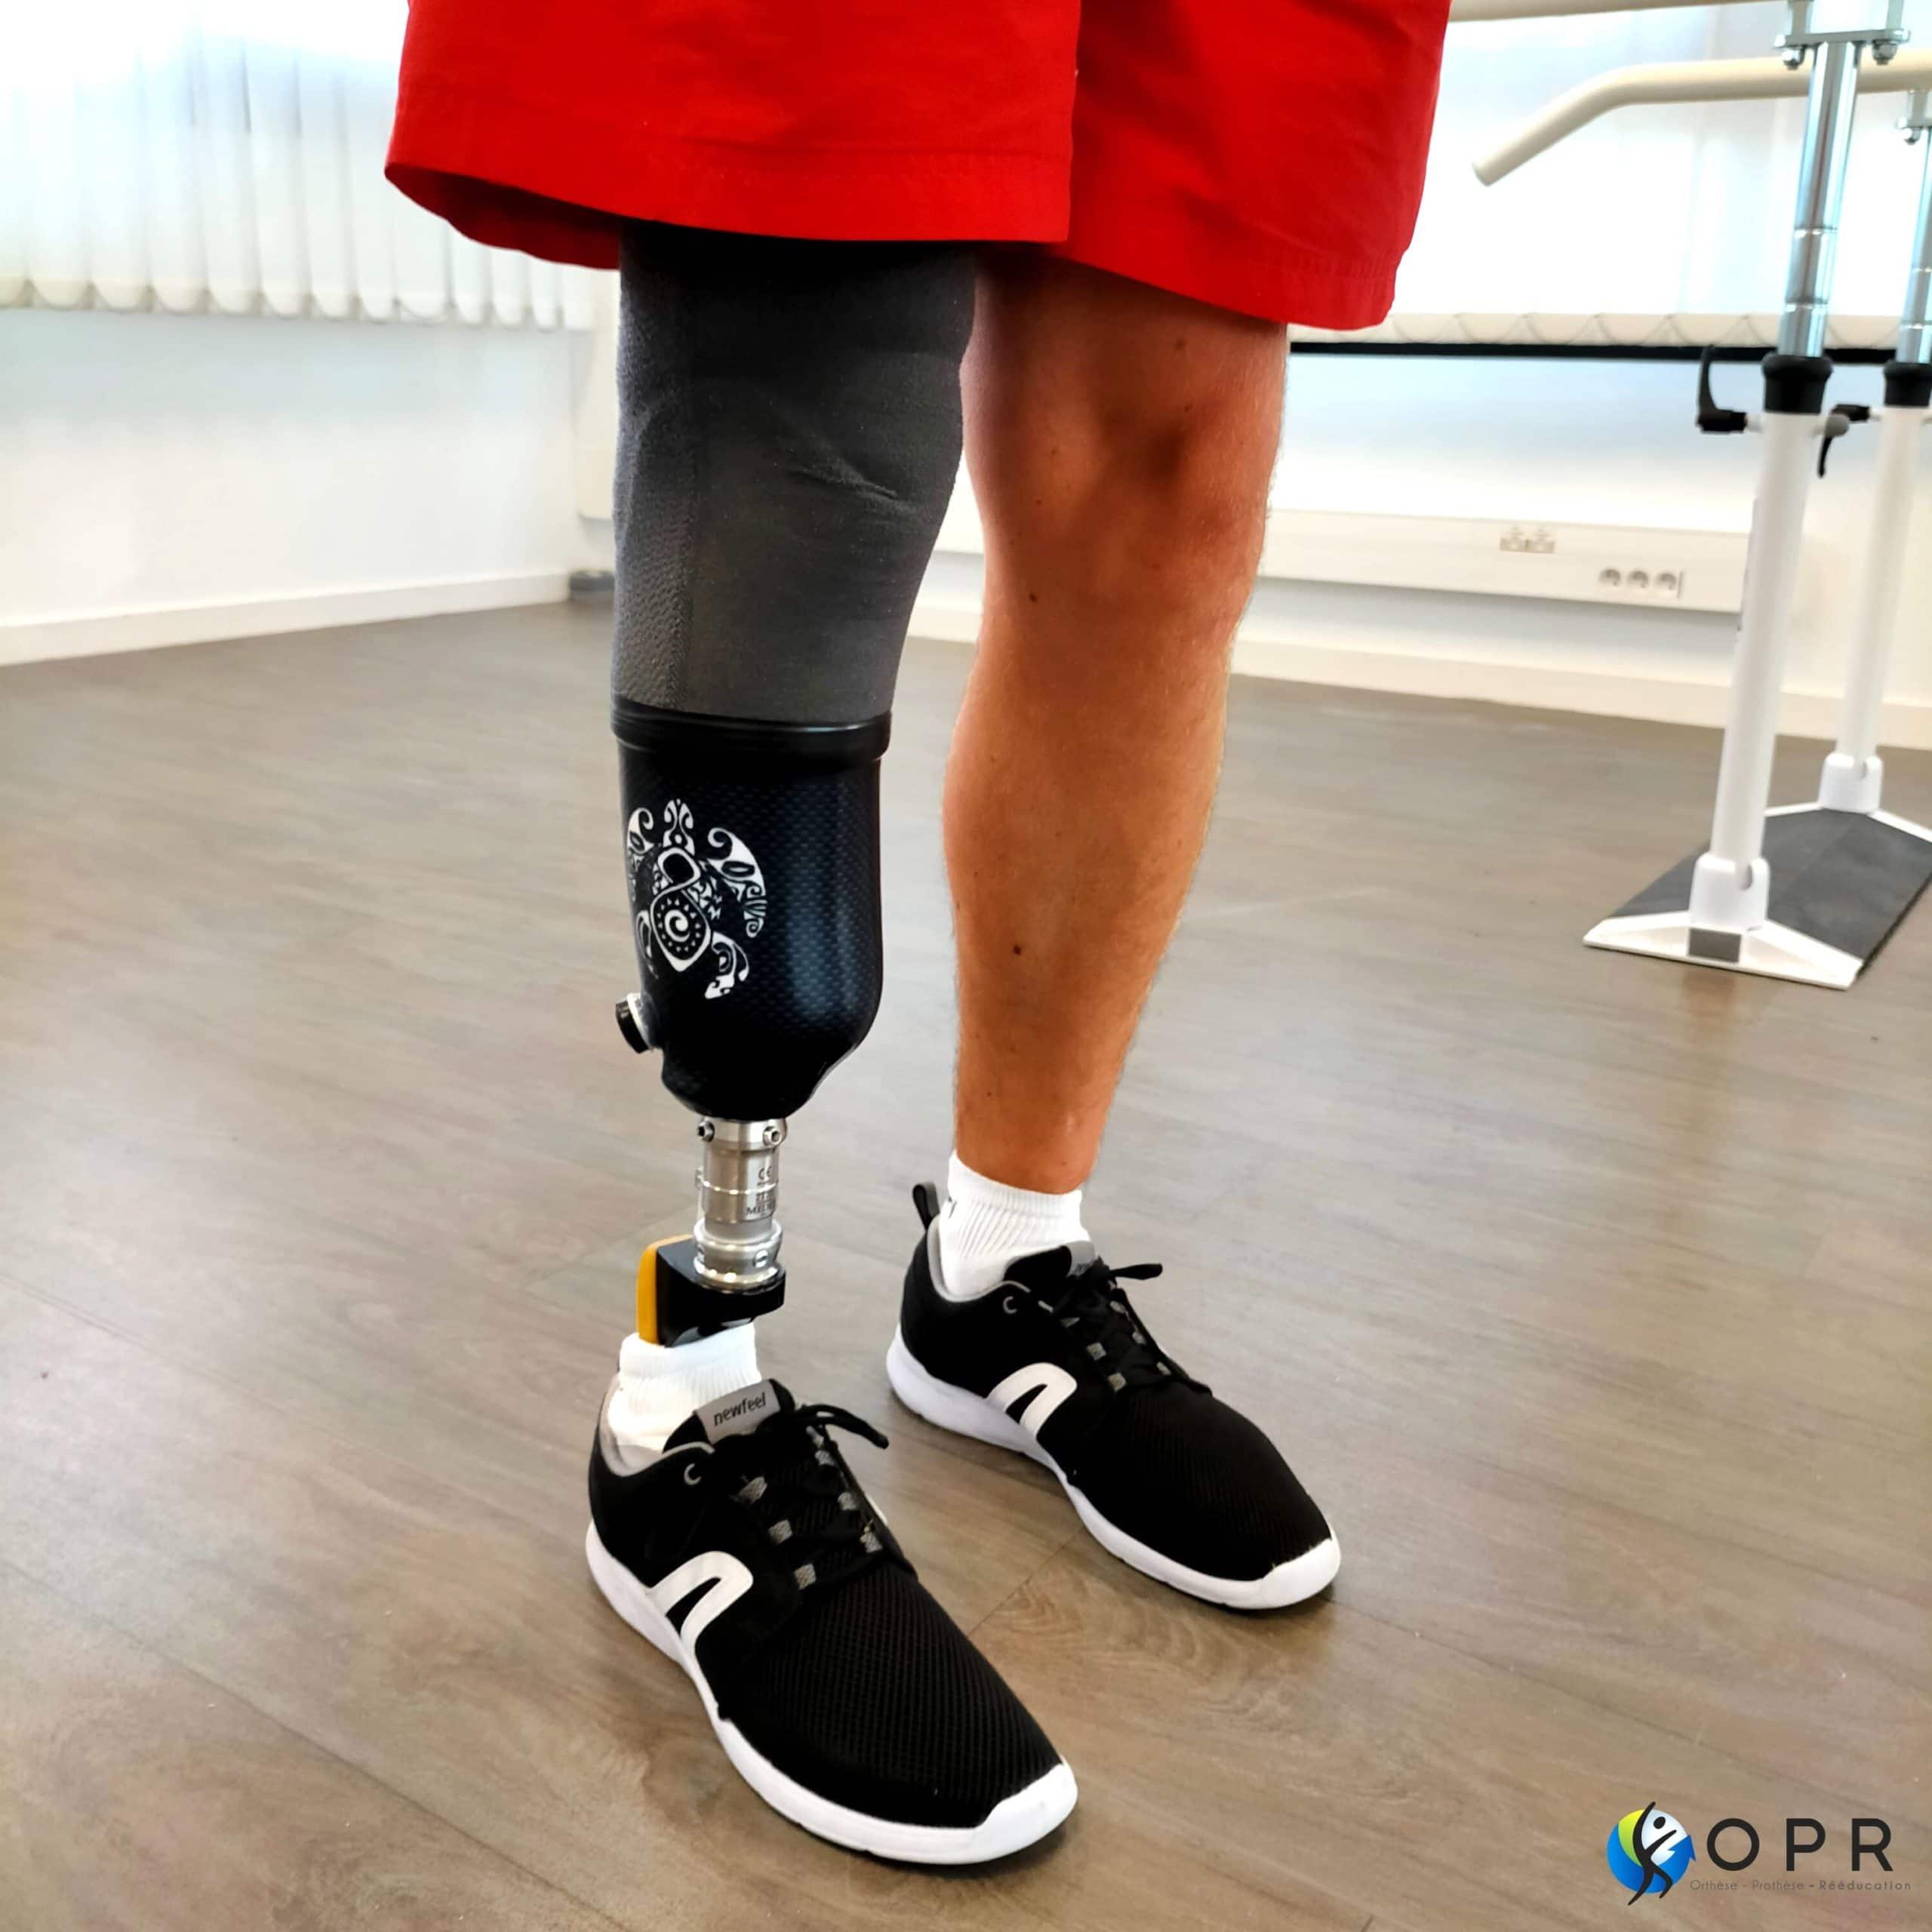 Prothèse tibiale personnalisée sur demande !